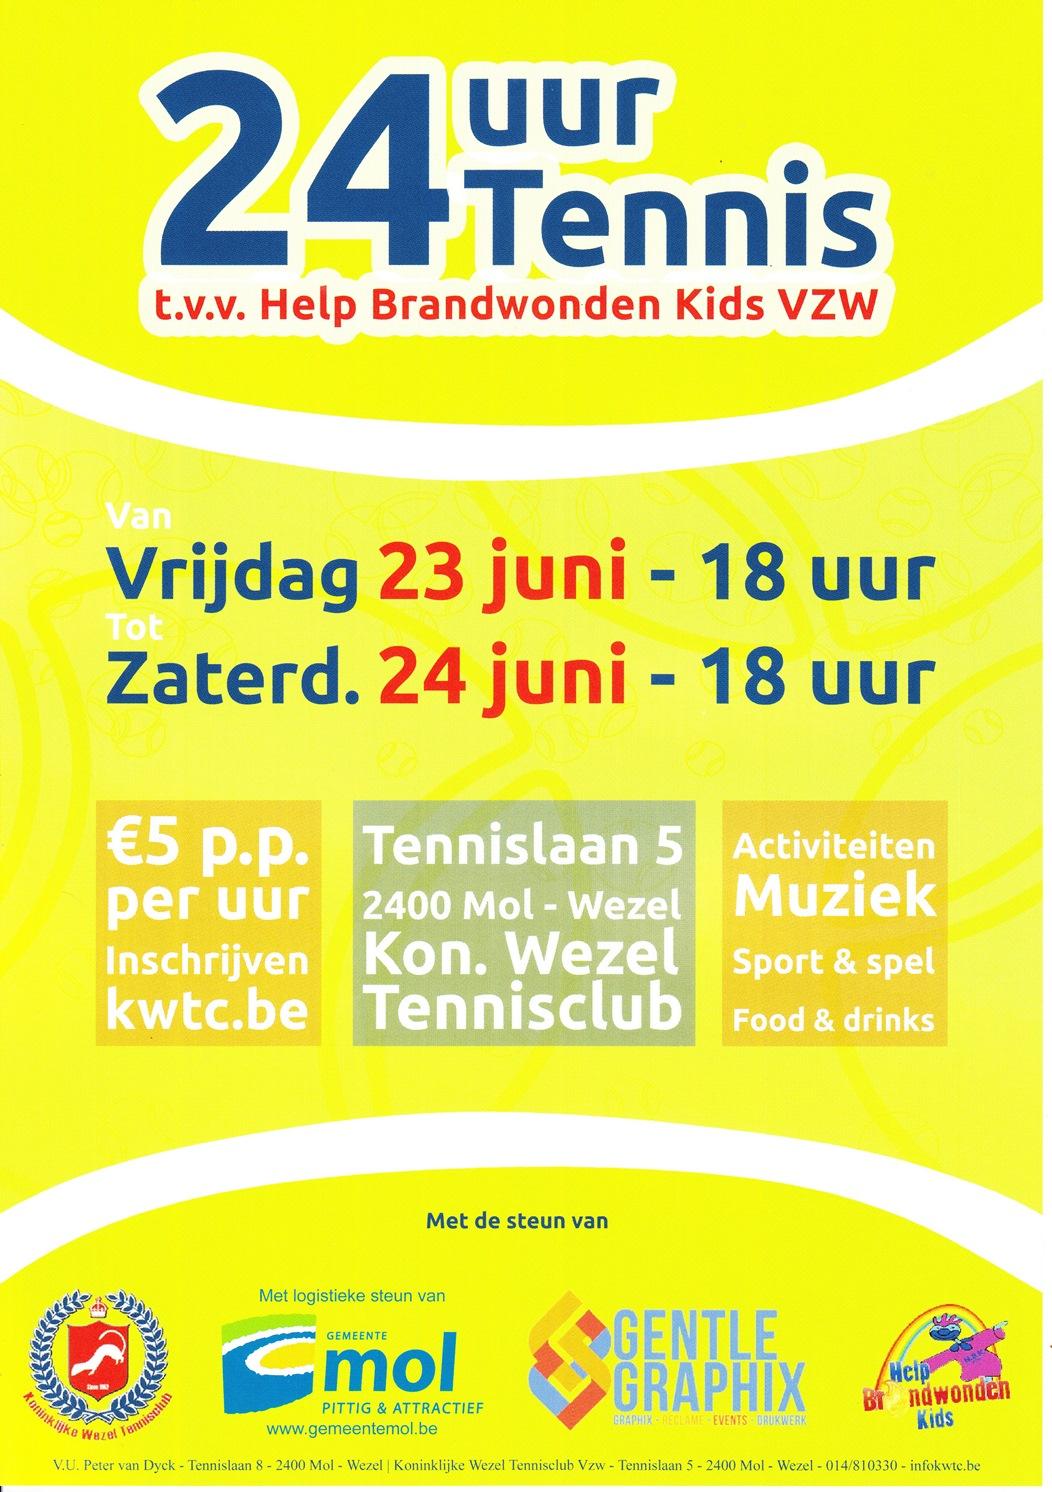 KWTC - 24u Tennis - Help Brandwondenkids low